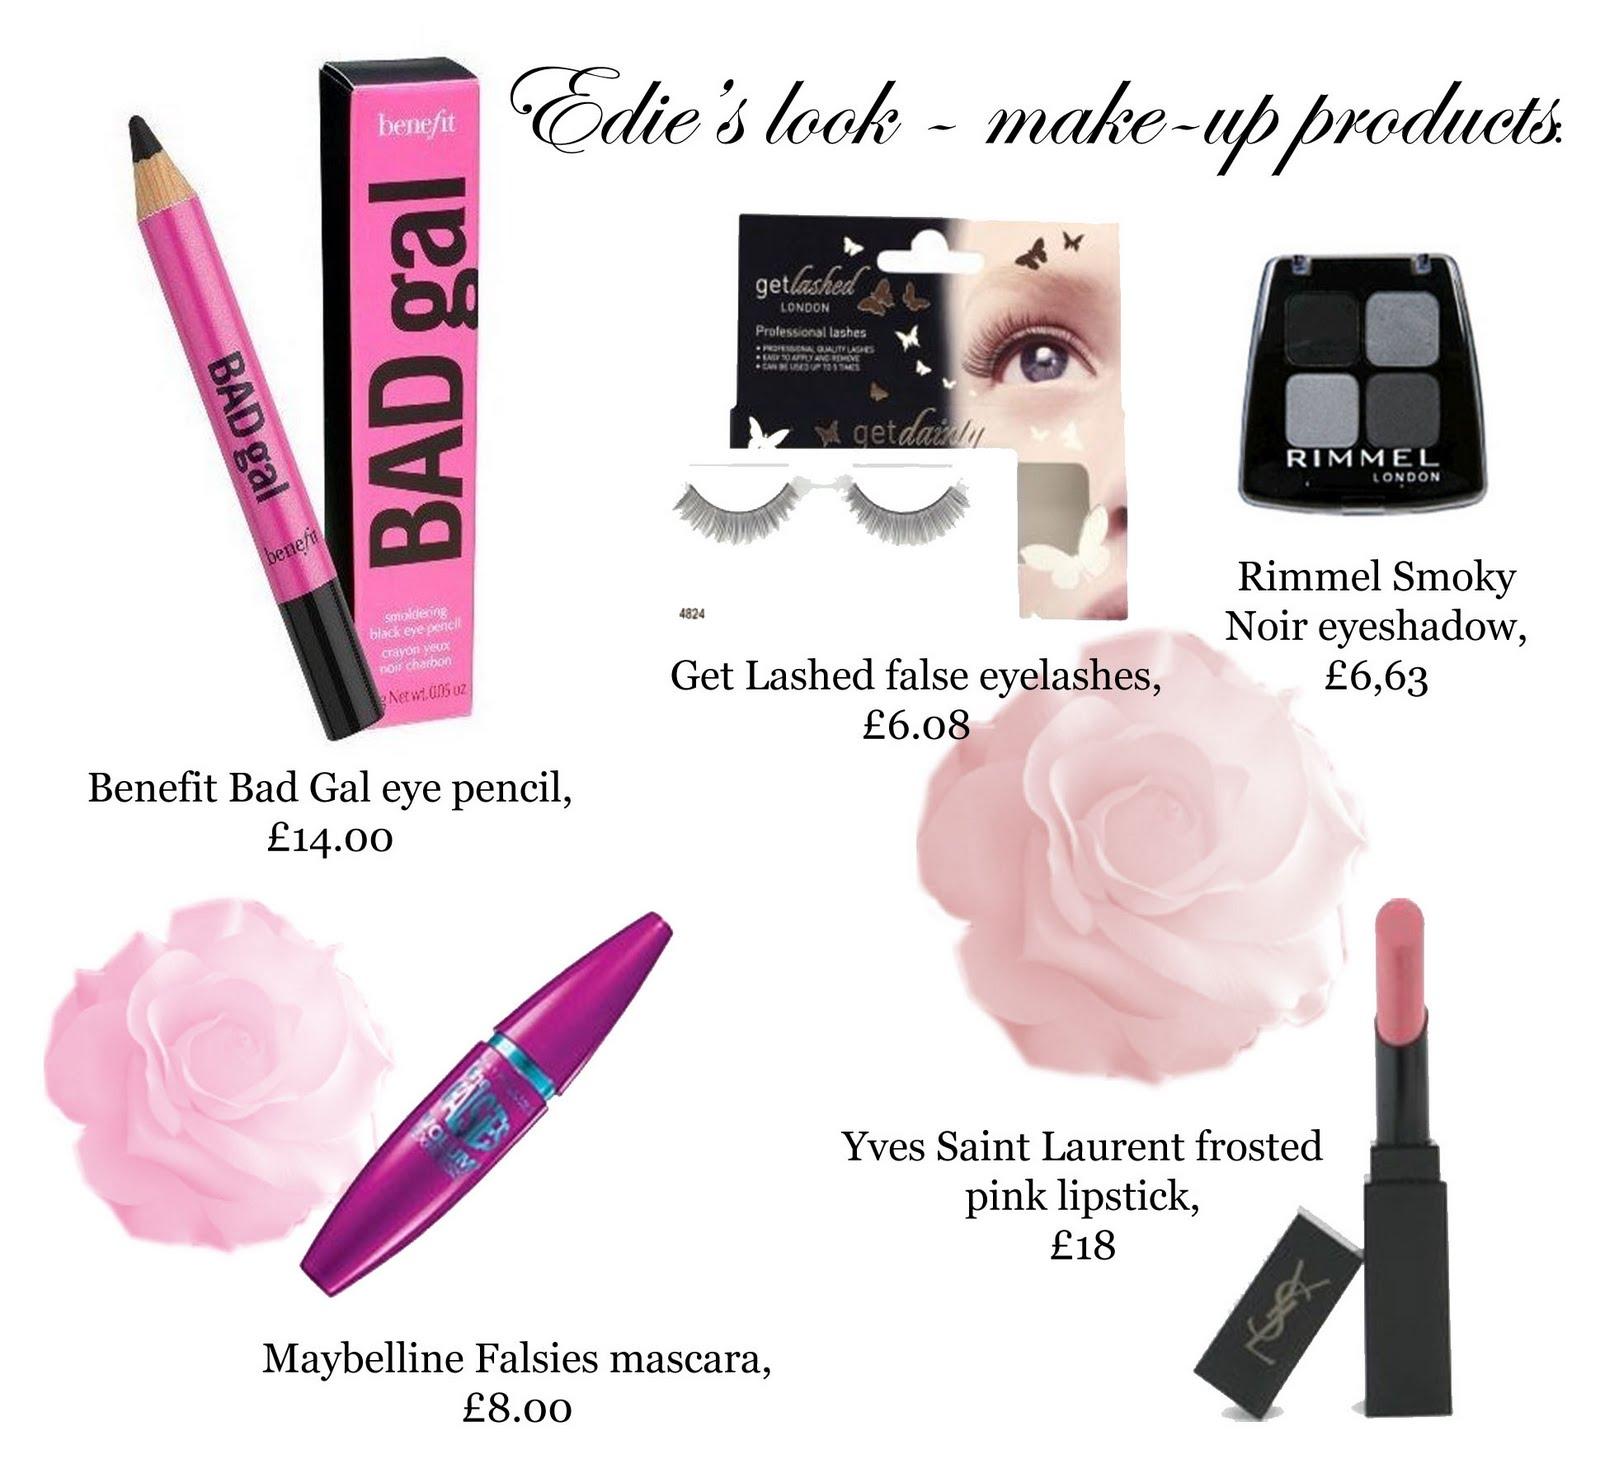 http://4.bp.blogspot.com/-lJWWQul-m4I/TbBPjjdV7QI/AAAAAAAAAE4/LAVEPrlCewk/s1600/edies+makeup.jpg